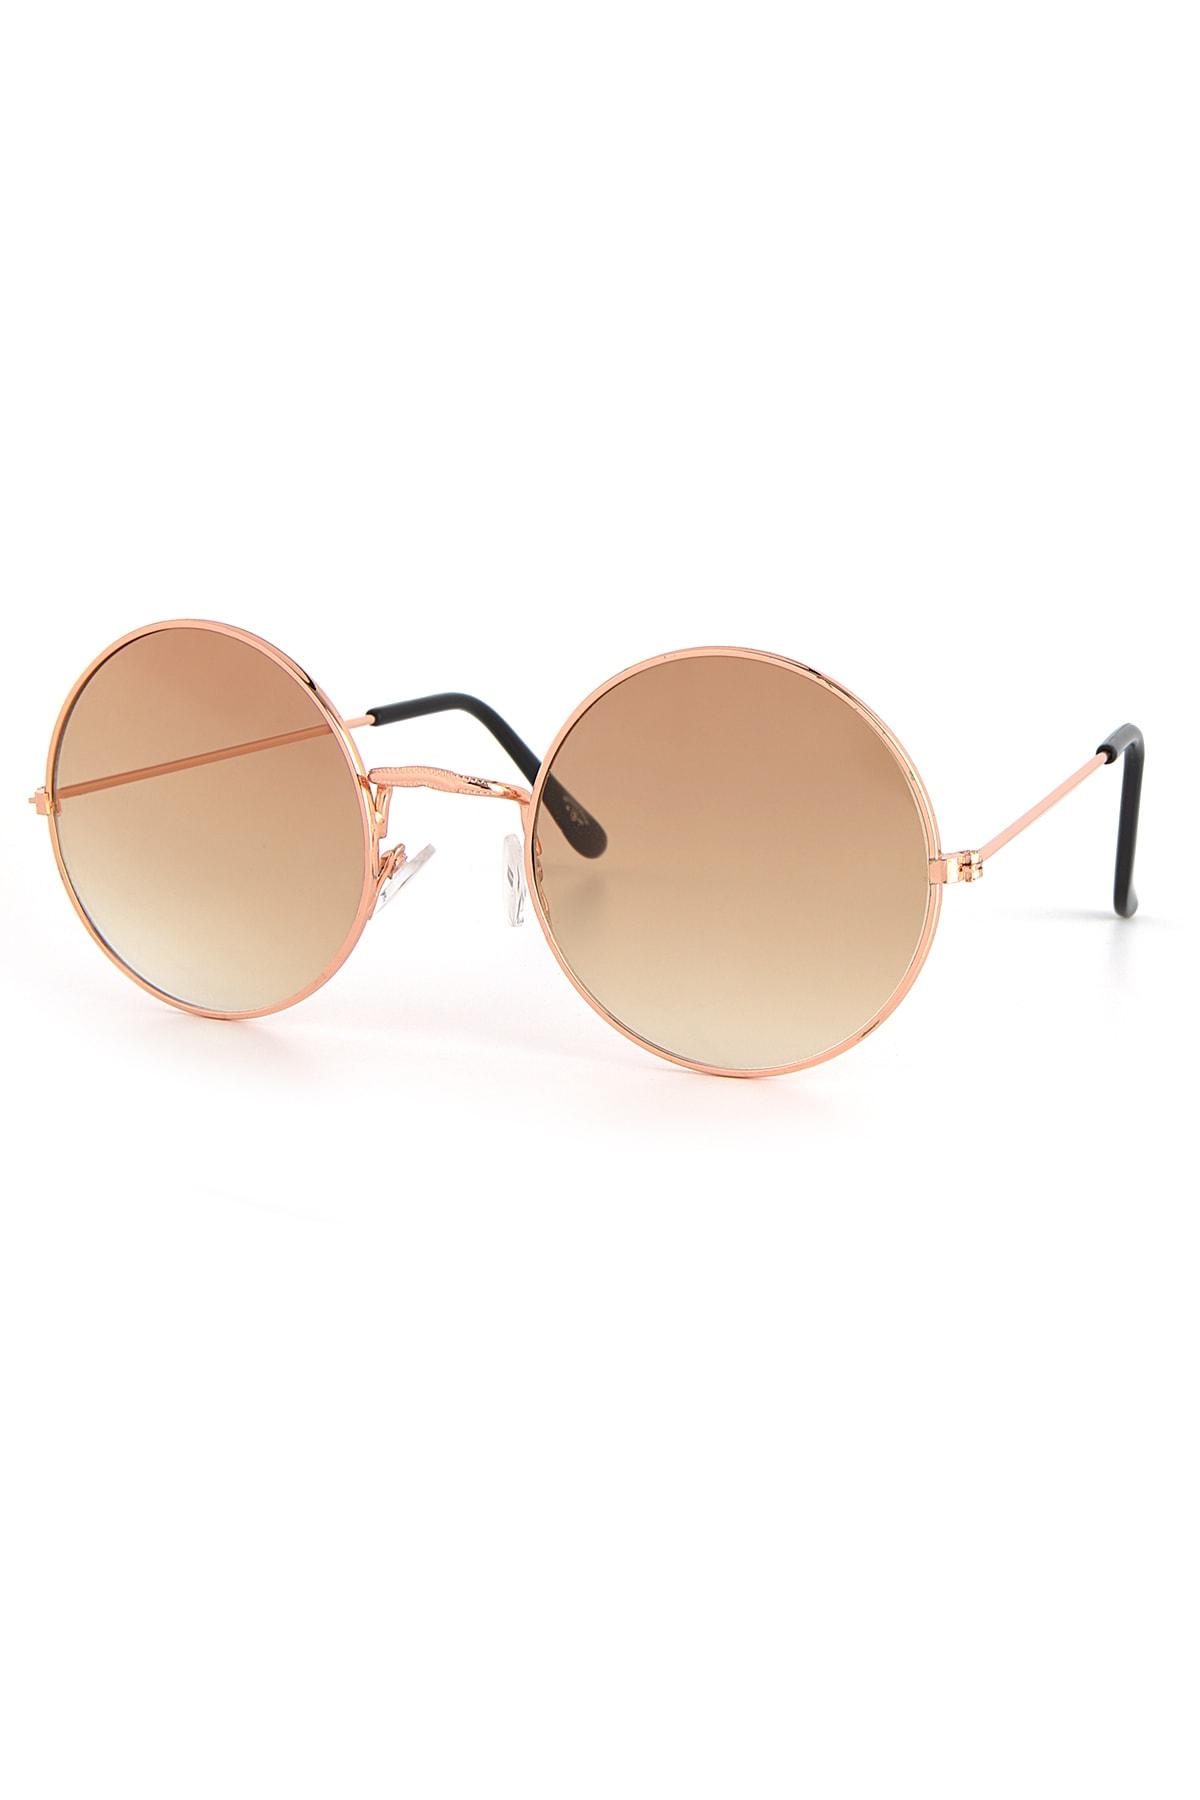 عینک آفتابی خاص برند Aqua Di Polo 1987 رنگ قهوه ای کد ty91556344